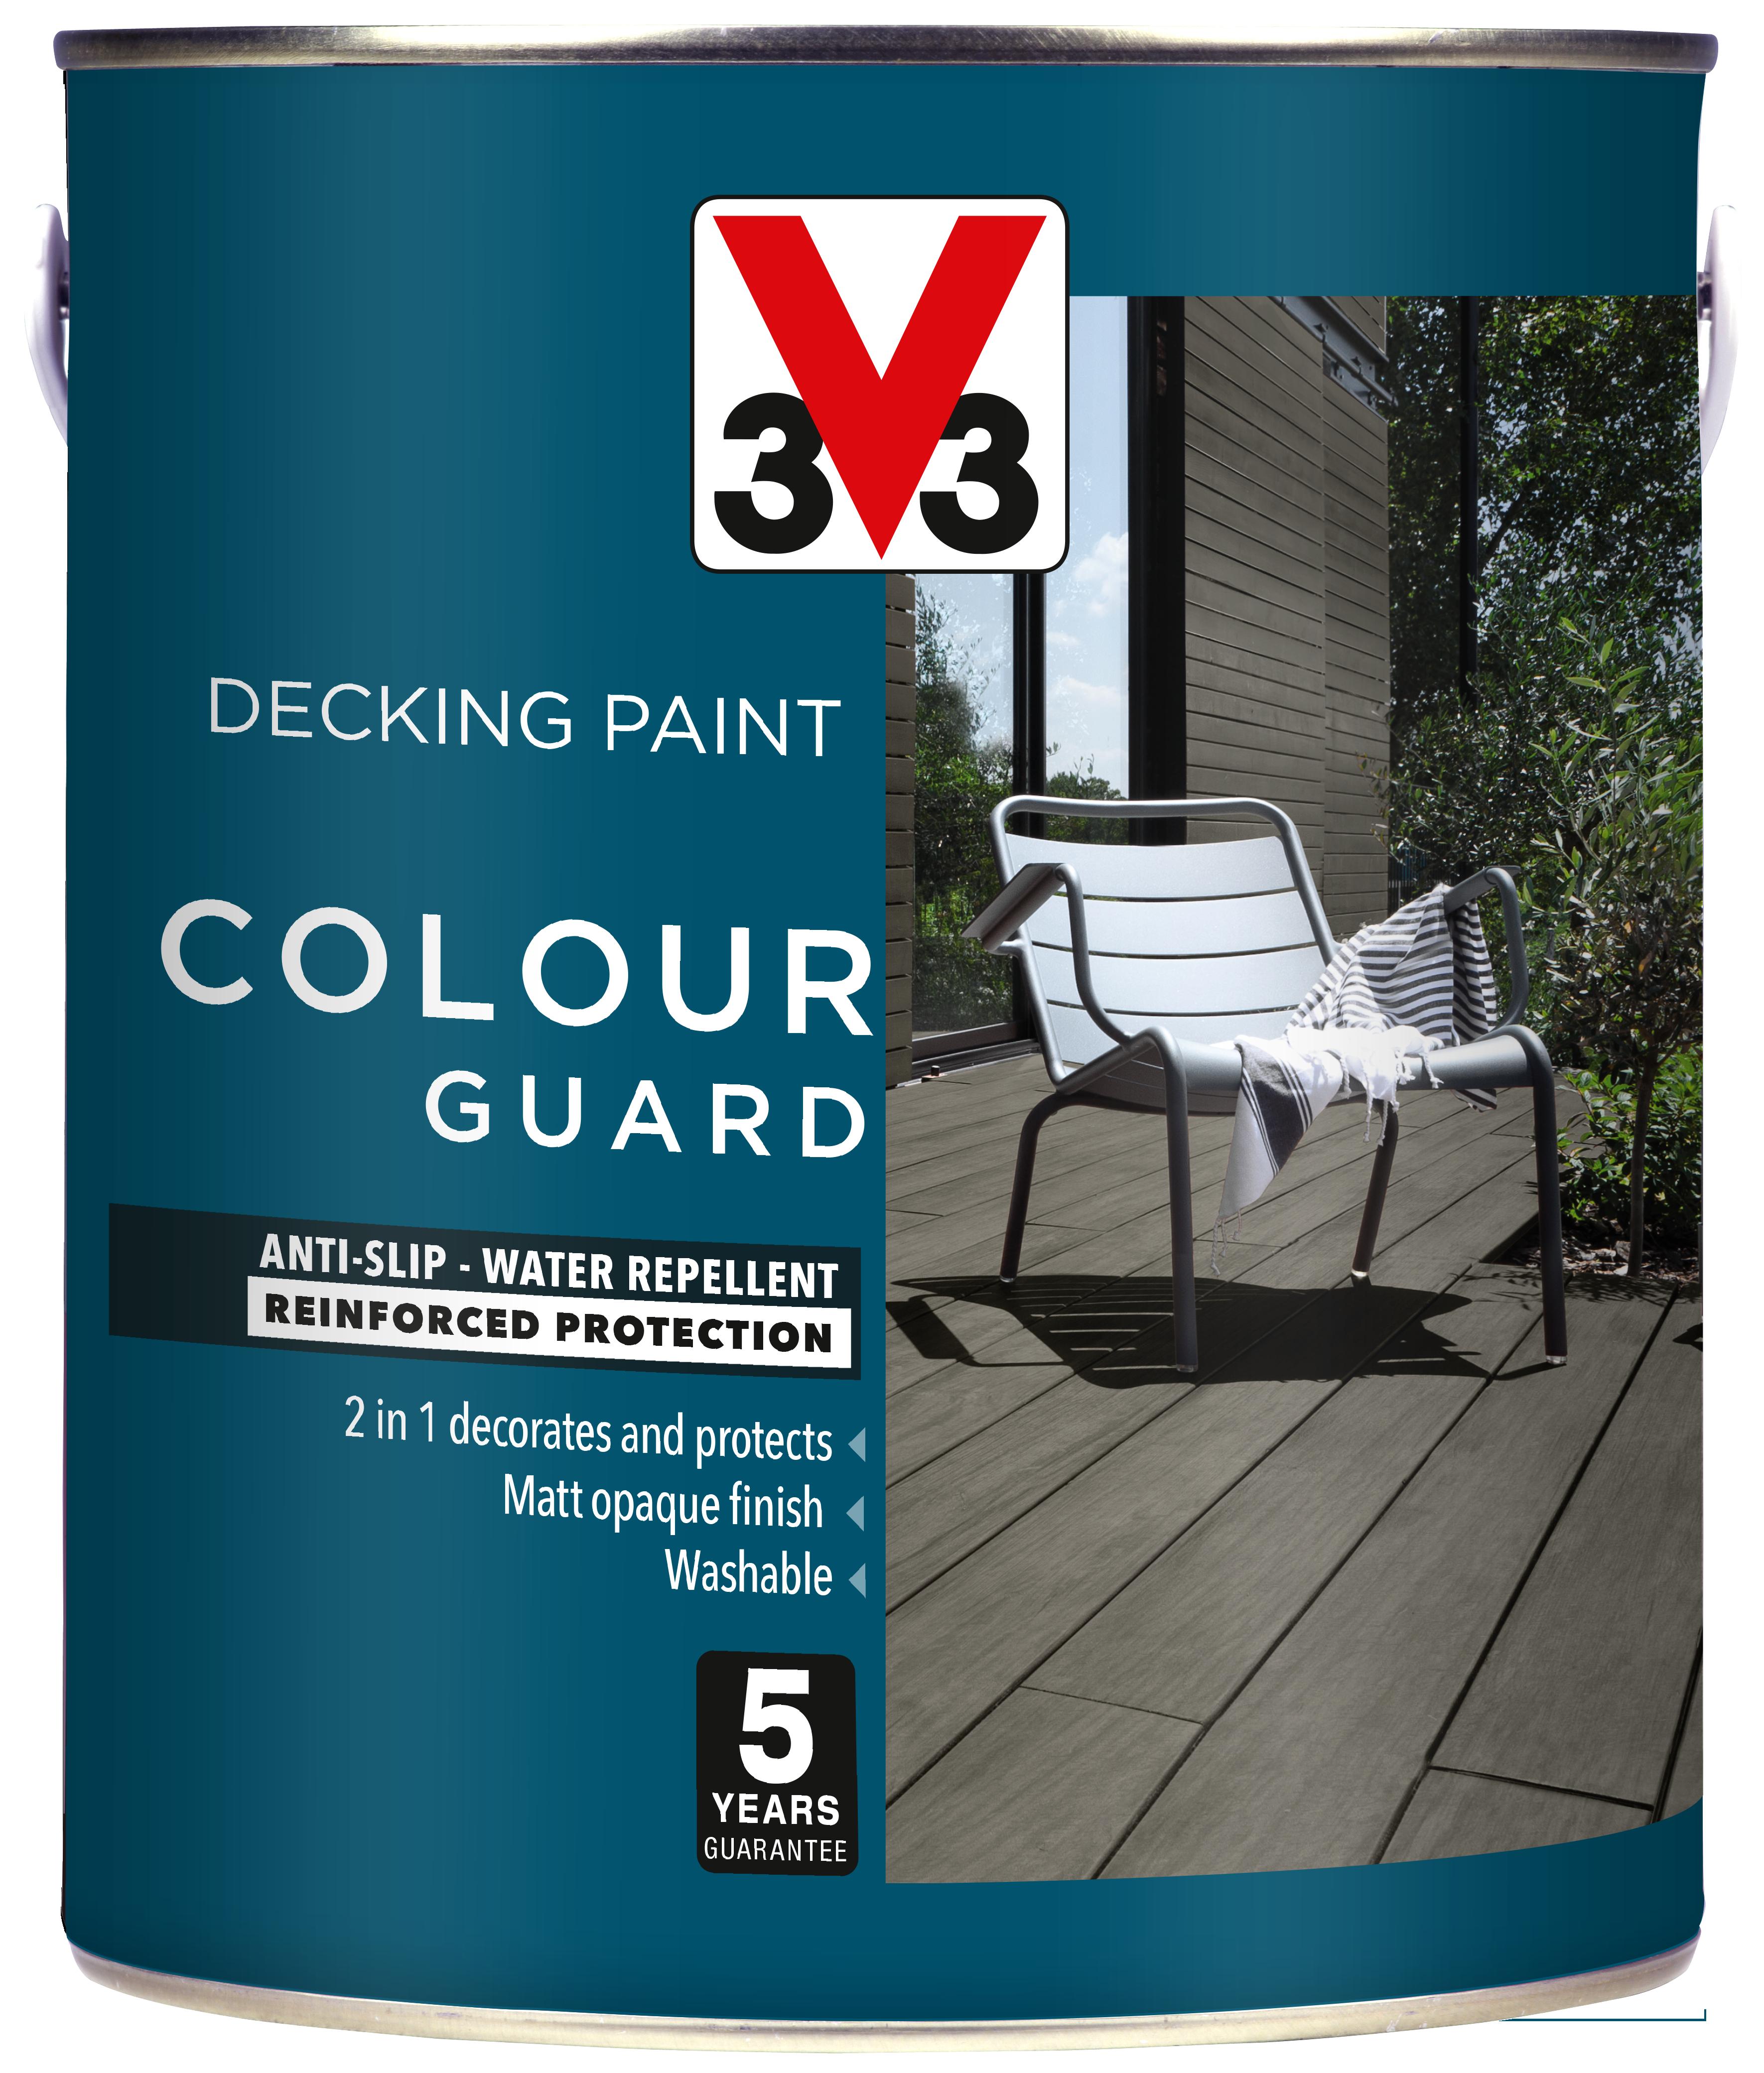 Colour Guard Decking Paint